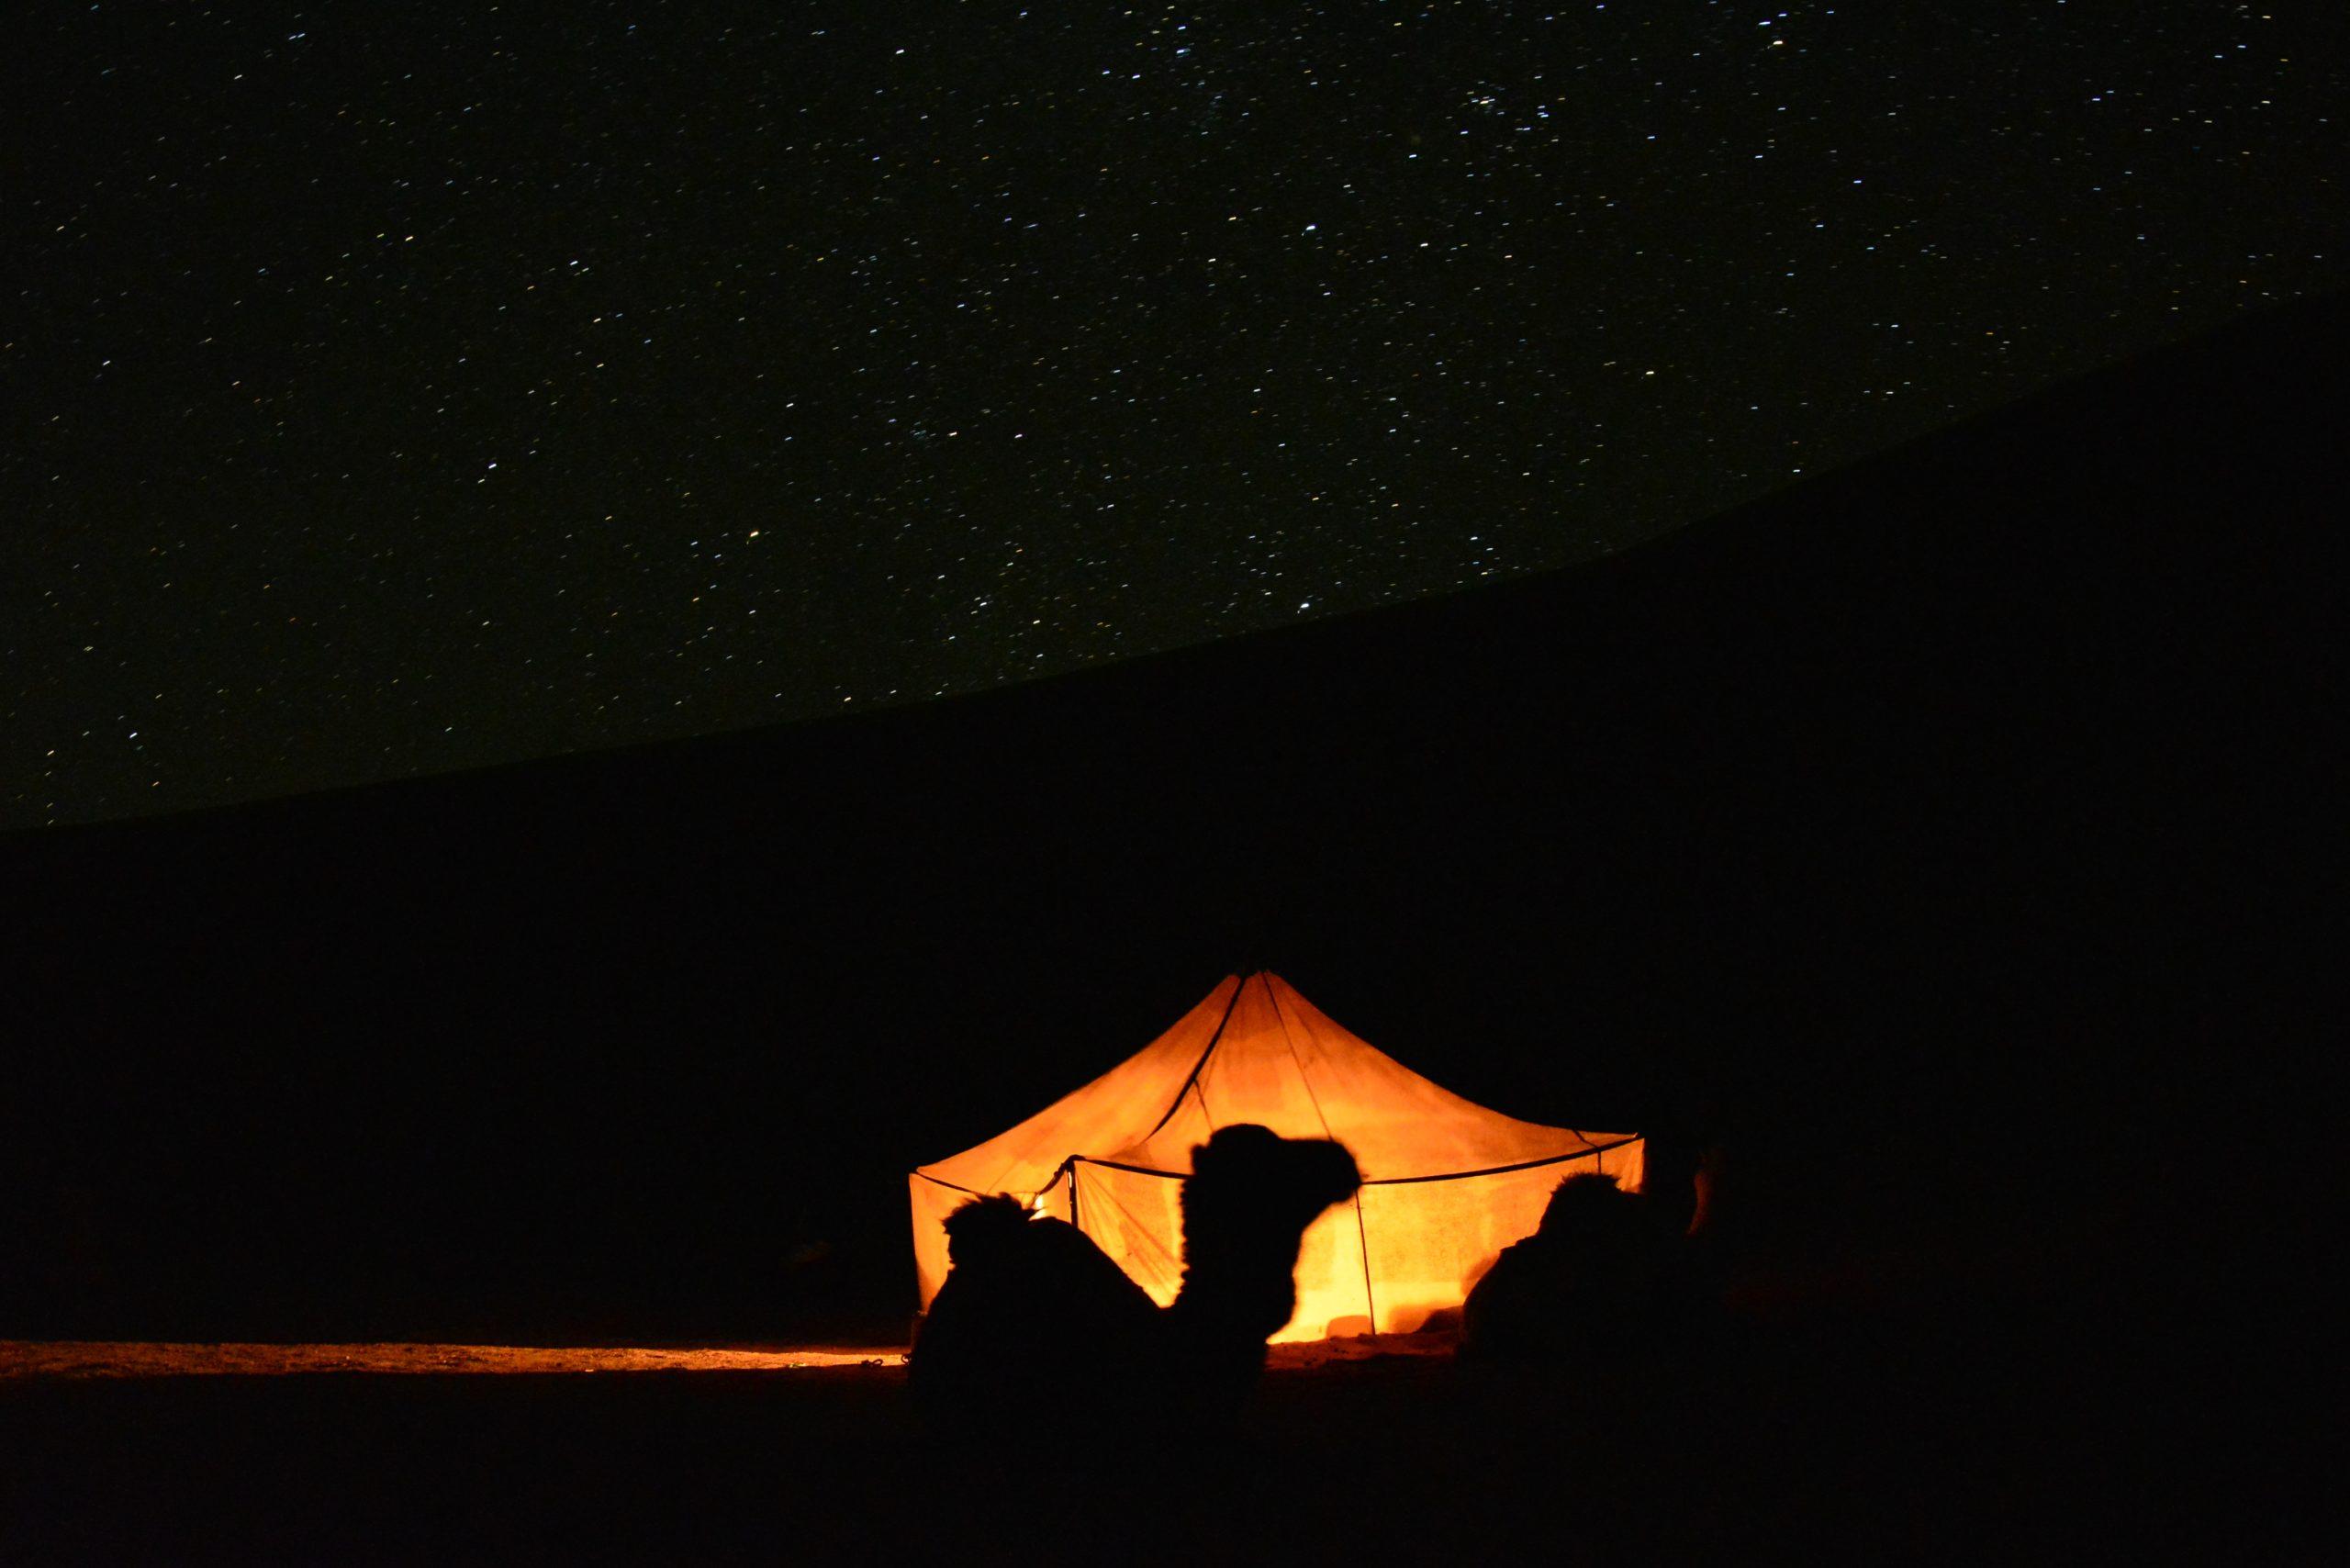 Kamel und Sternenhimmel in der Wüste